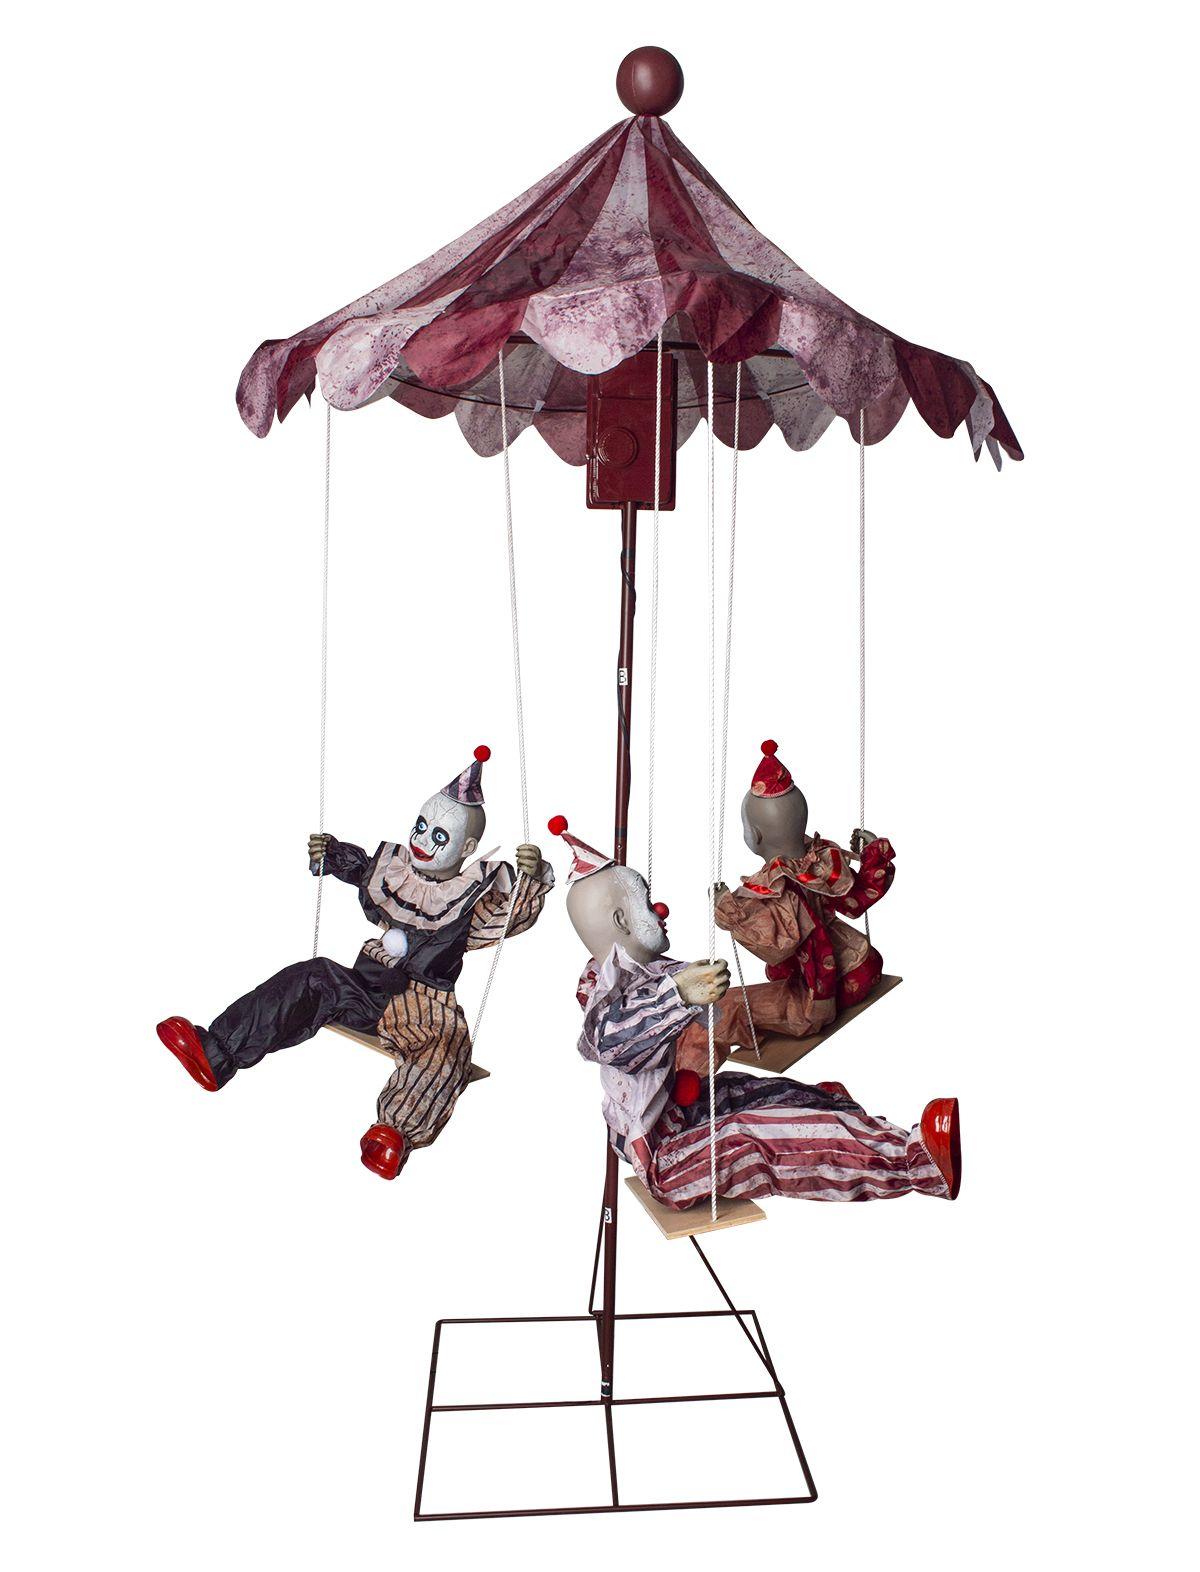 Grusel Karussell mit 3 Clowns & Licht Sound und Bewegung